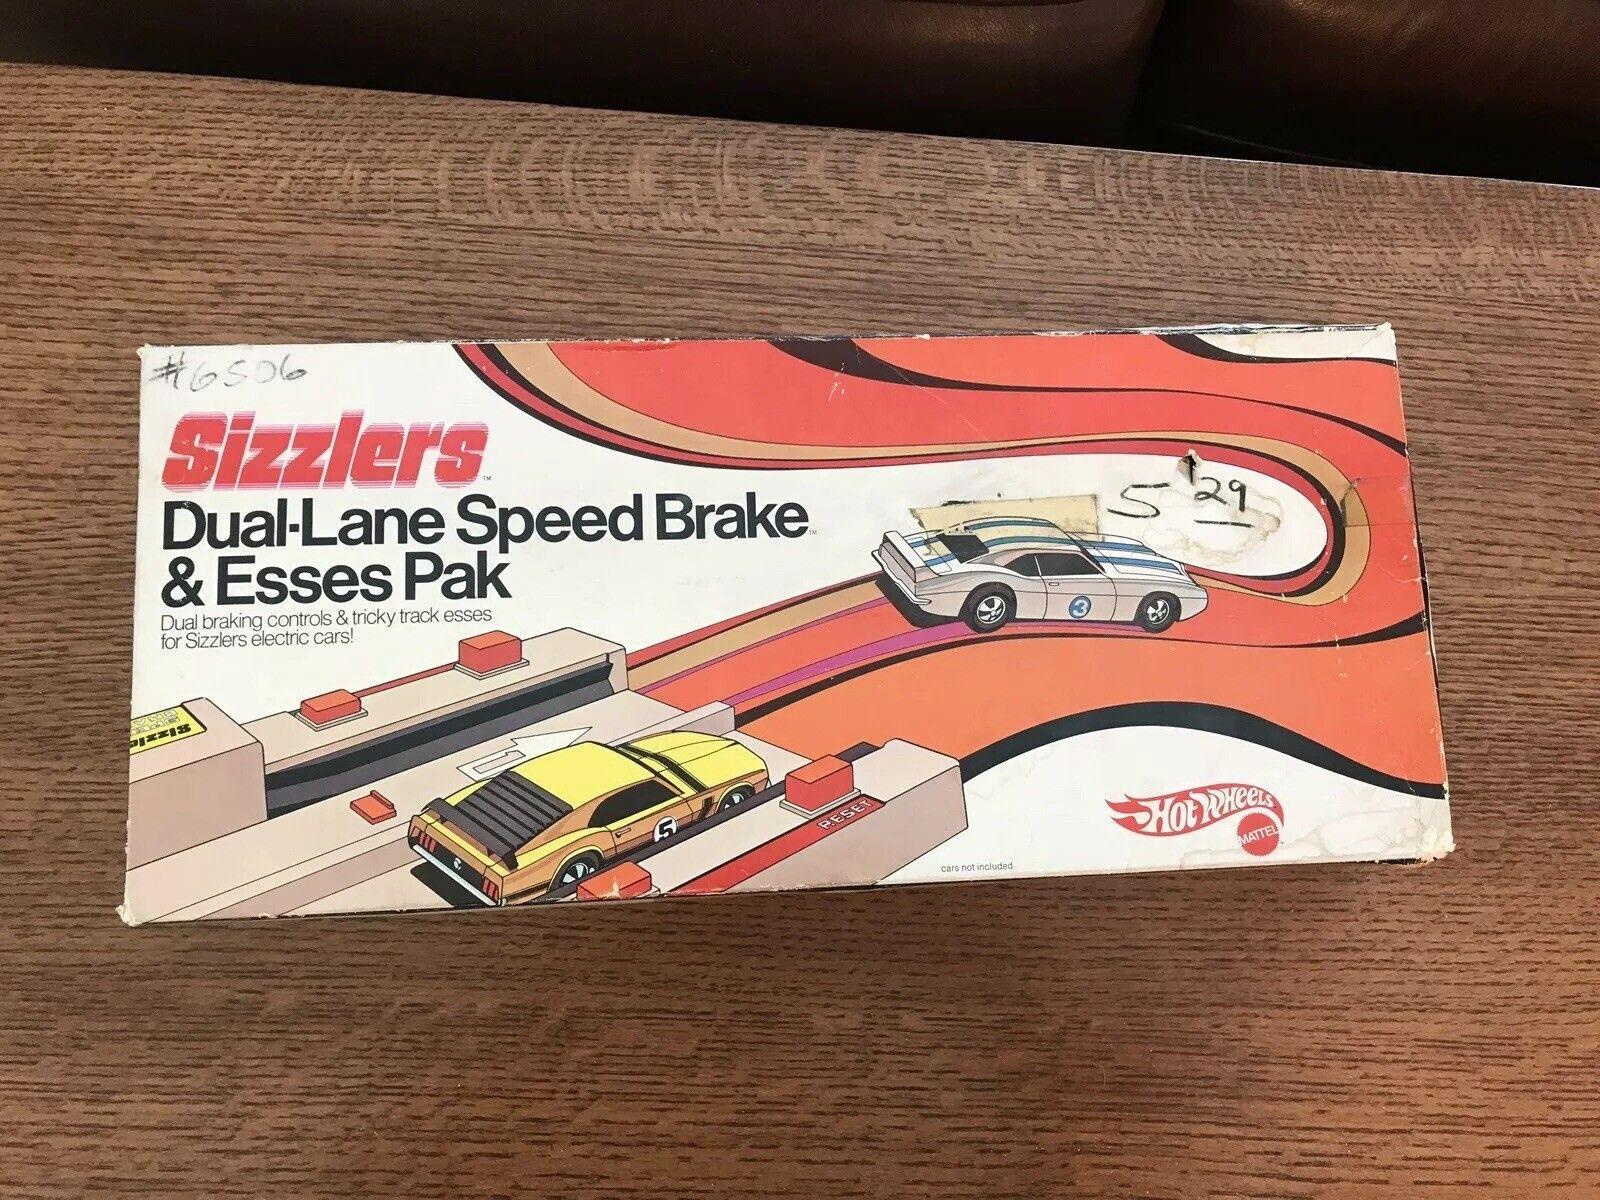 Rare Mattel Sizzlers Dual-Lane Speed Brake & Esses Pak In Box 1969